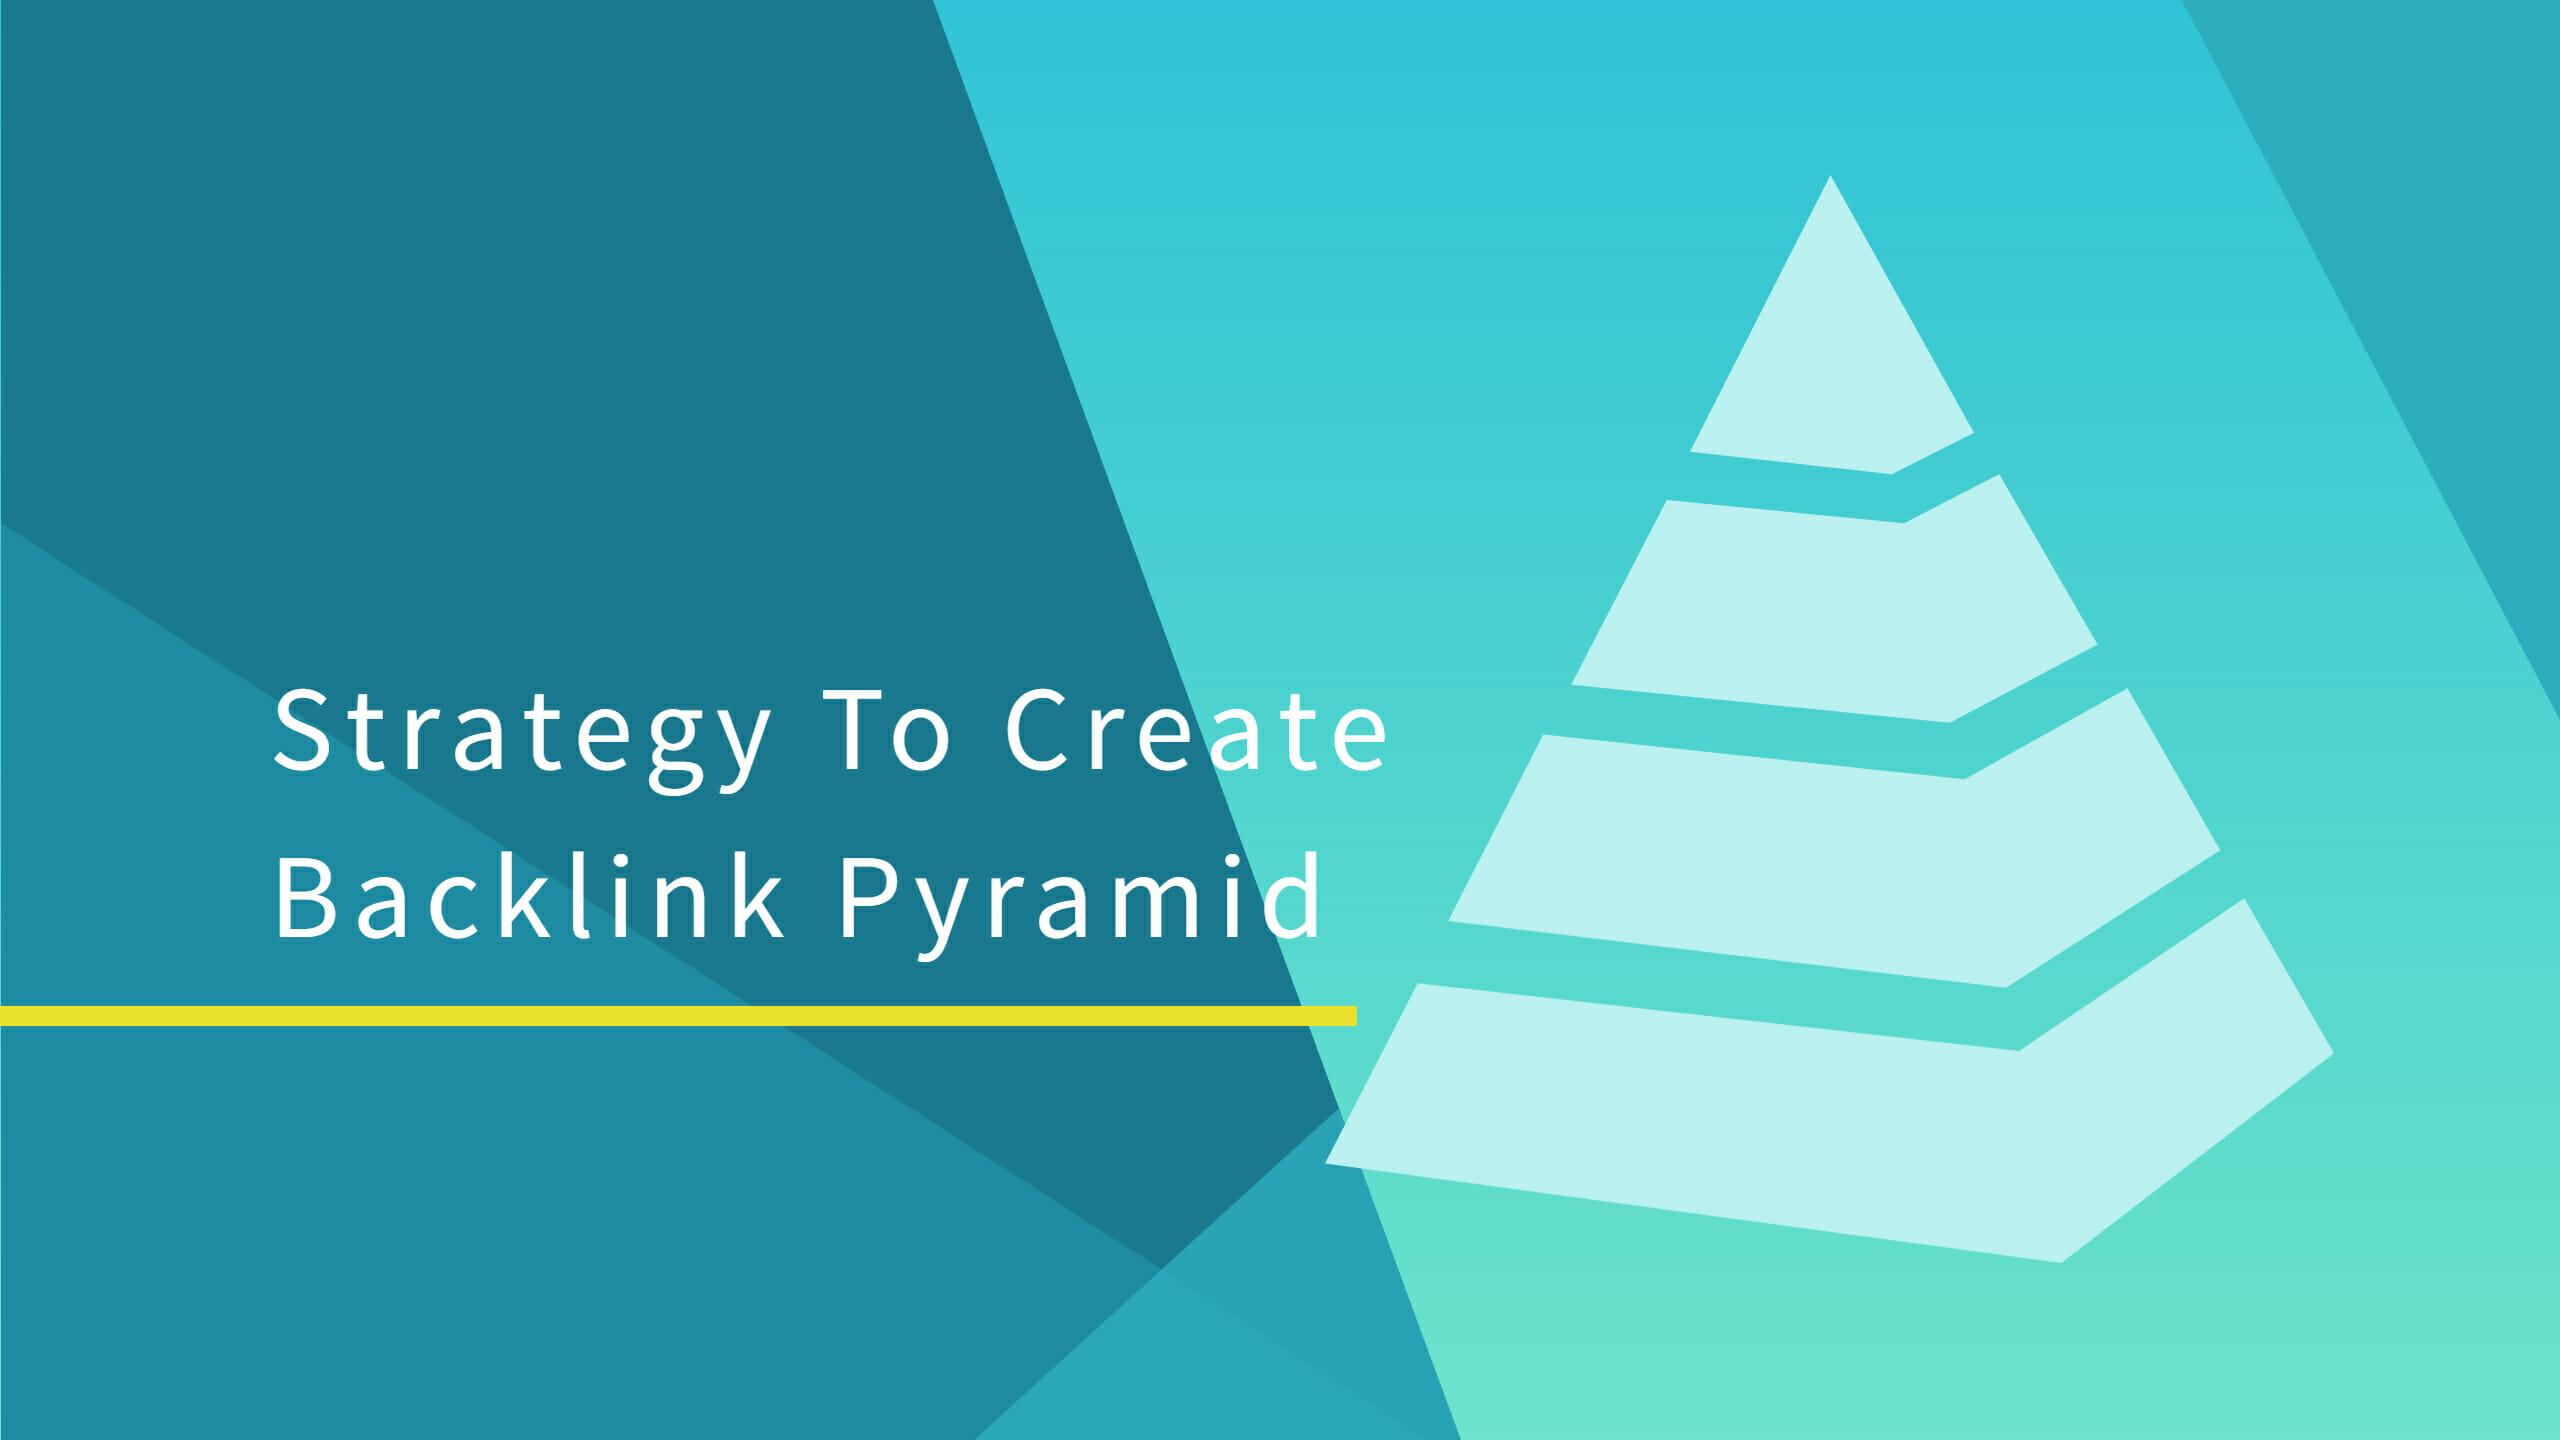 Get Link Pyramid from 1 DA 70+ 10 DA 50+ and 10 DA 30+